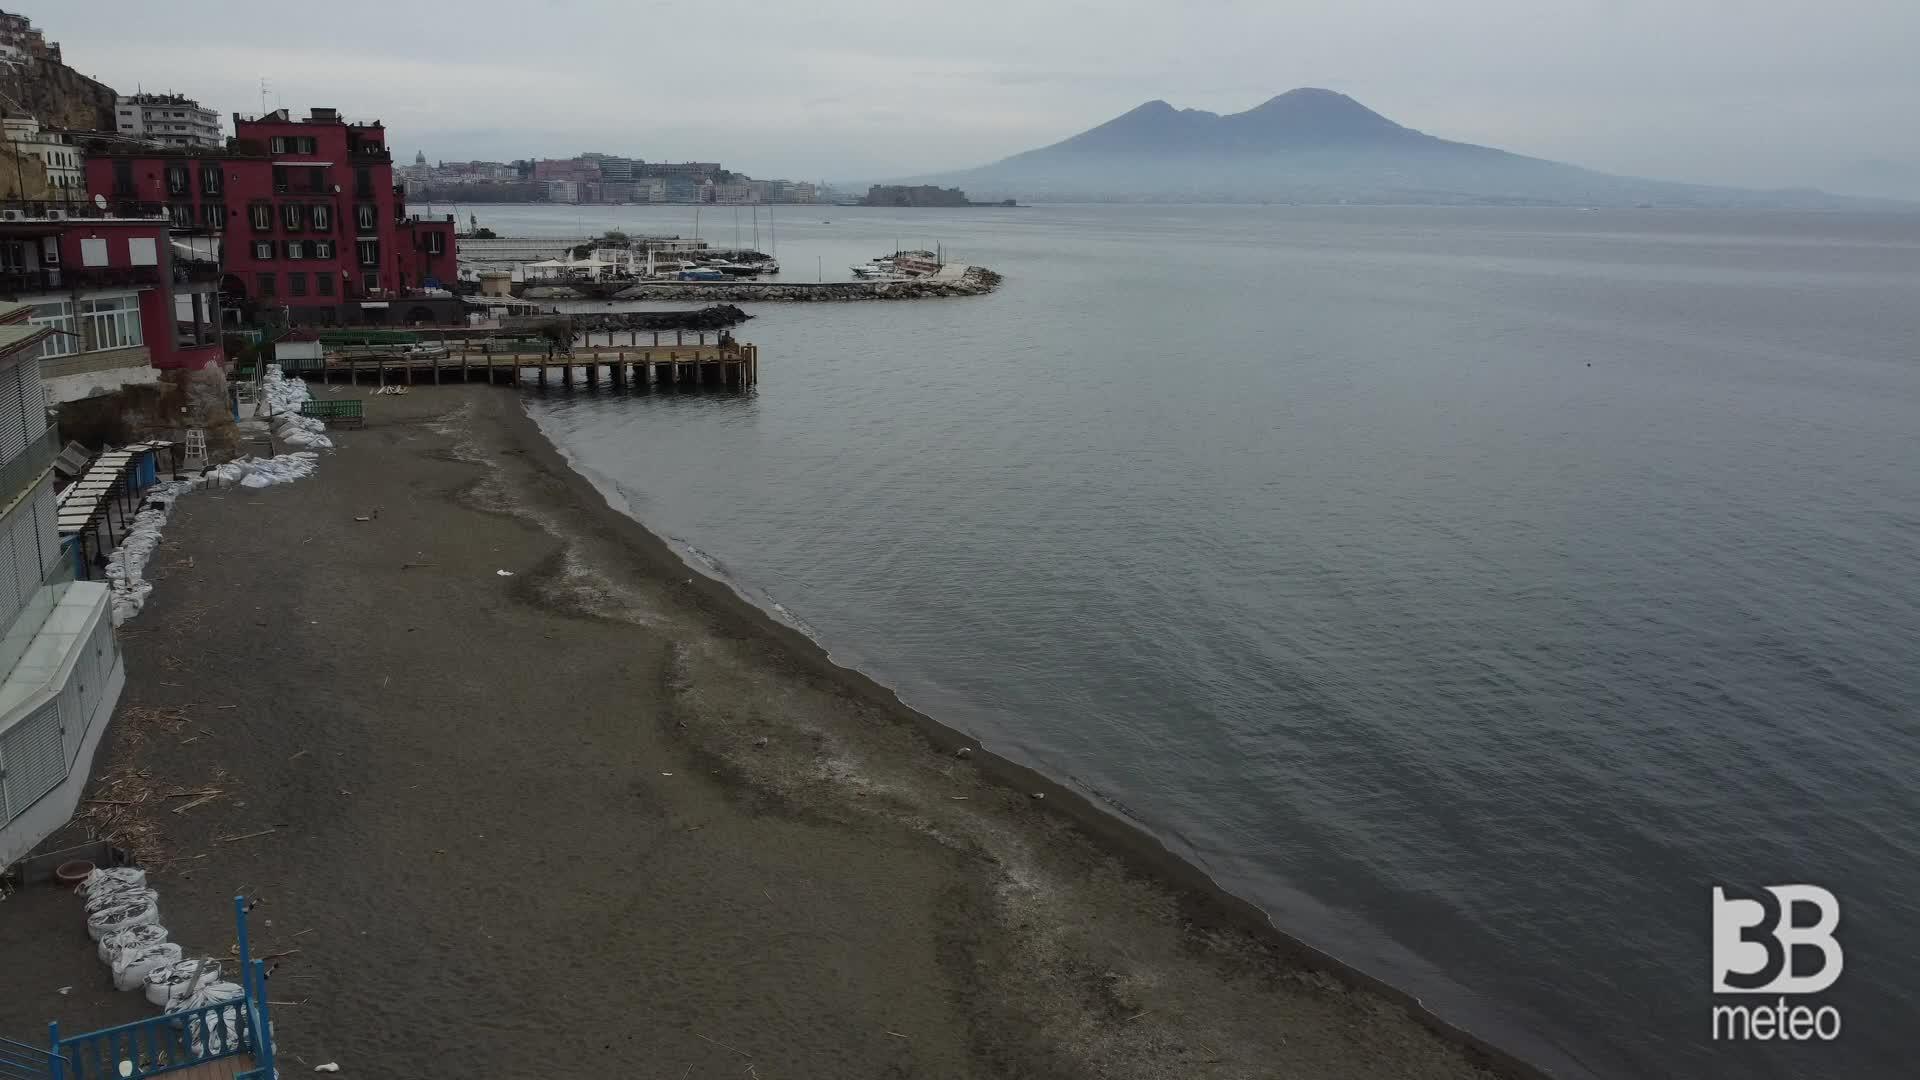 Napoli, spiagge chiuse a Pasqua: il volo del drone